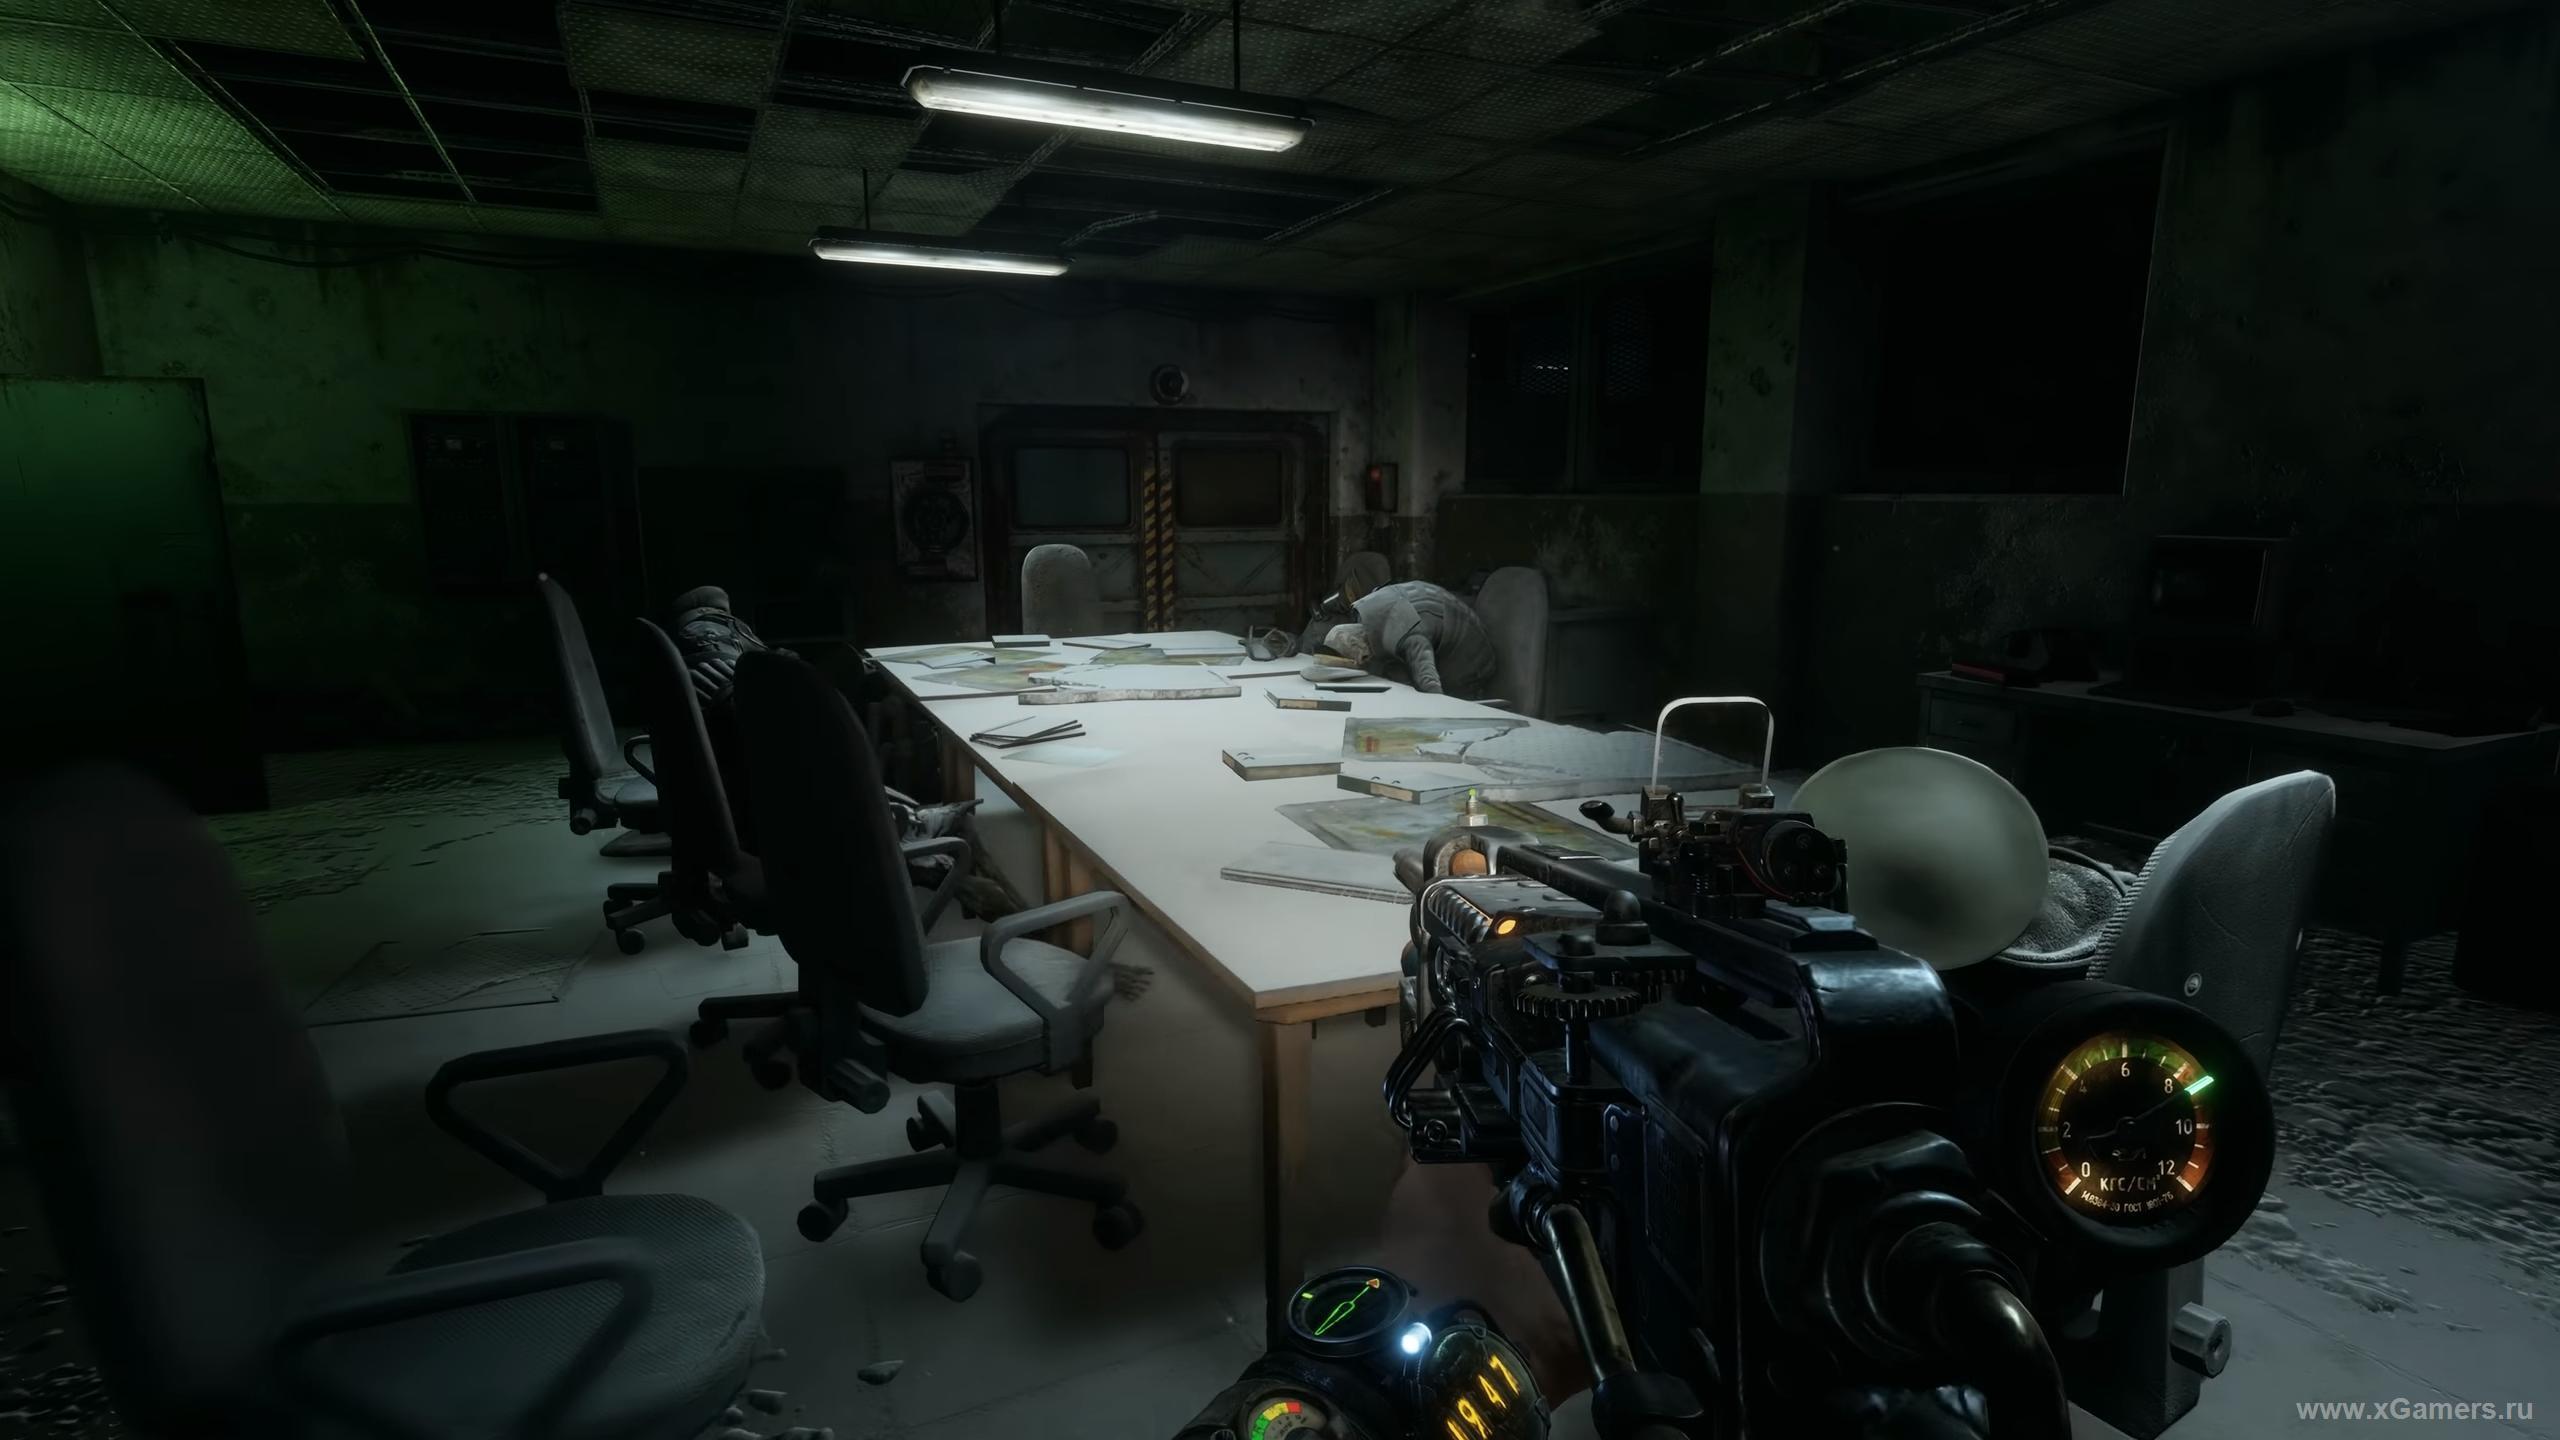 Комната управления, любопытная аудиозапись на столе